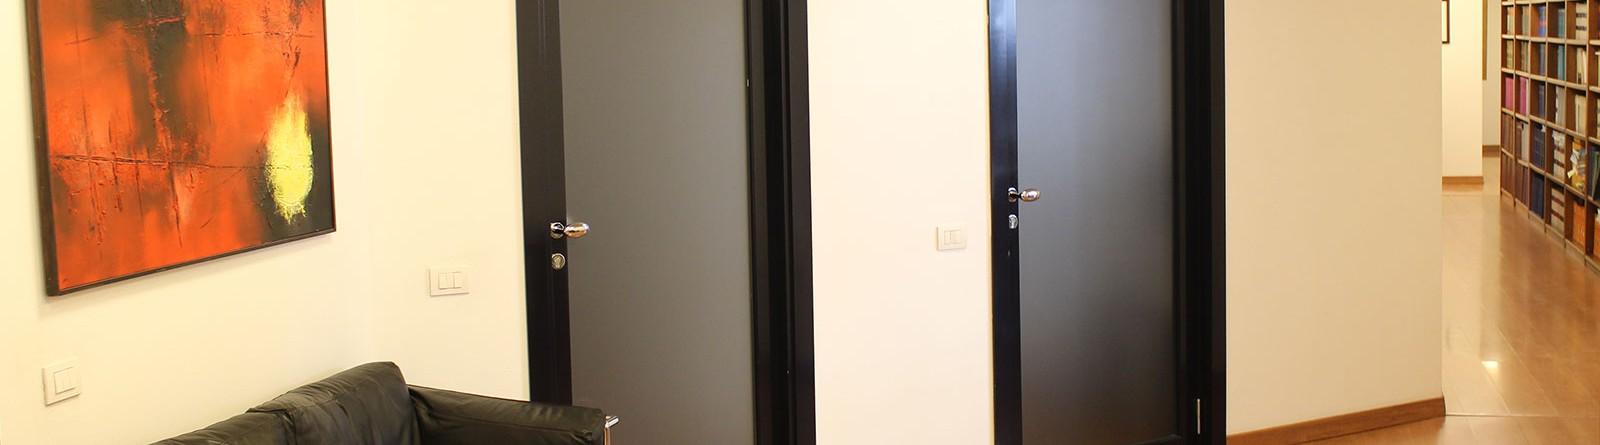 Corridoio dietro